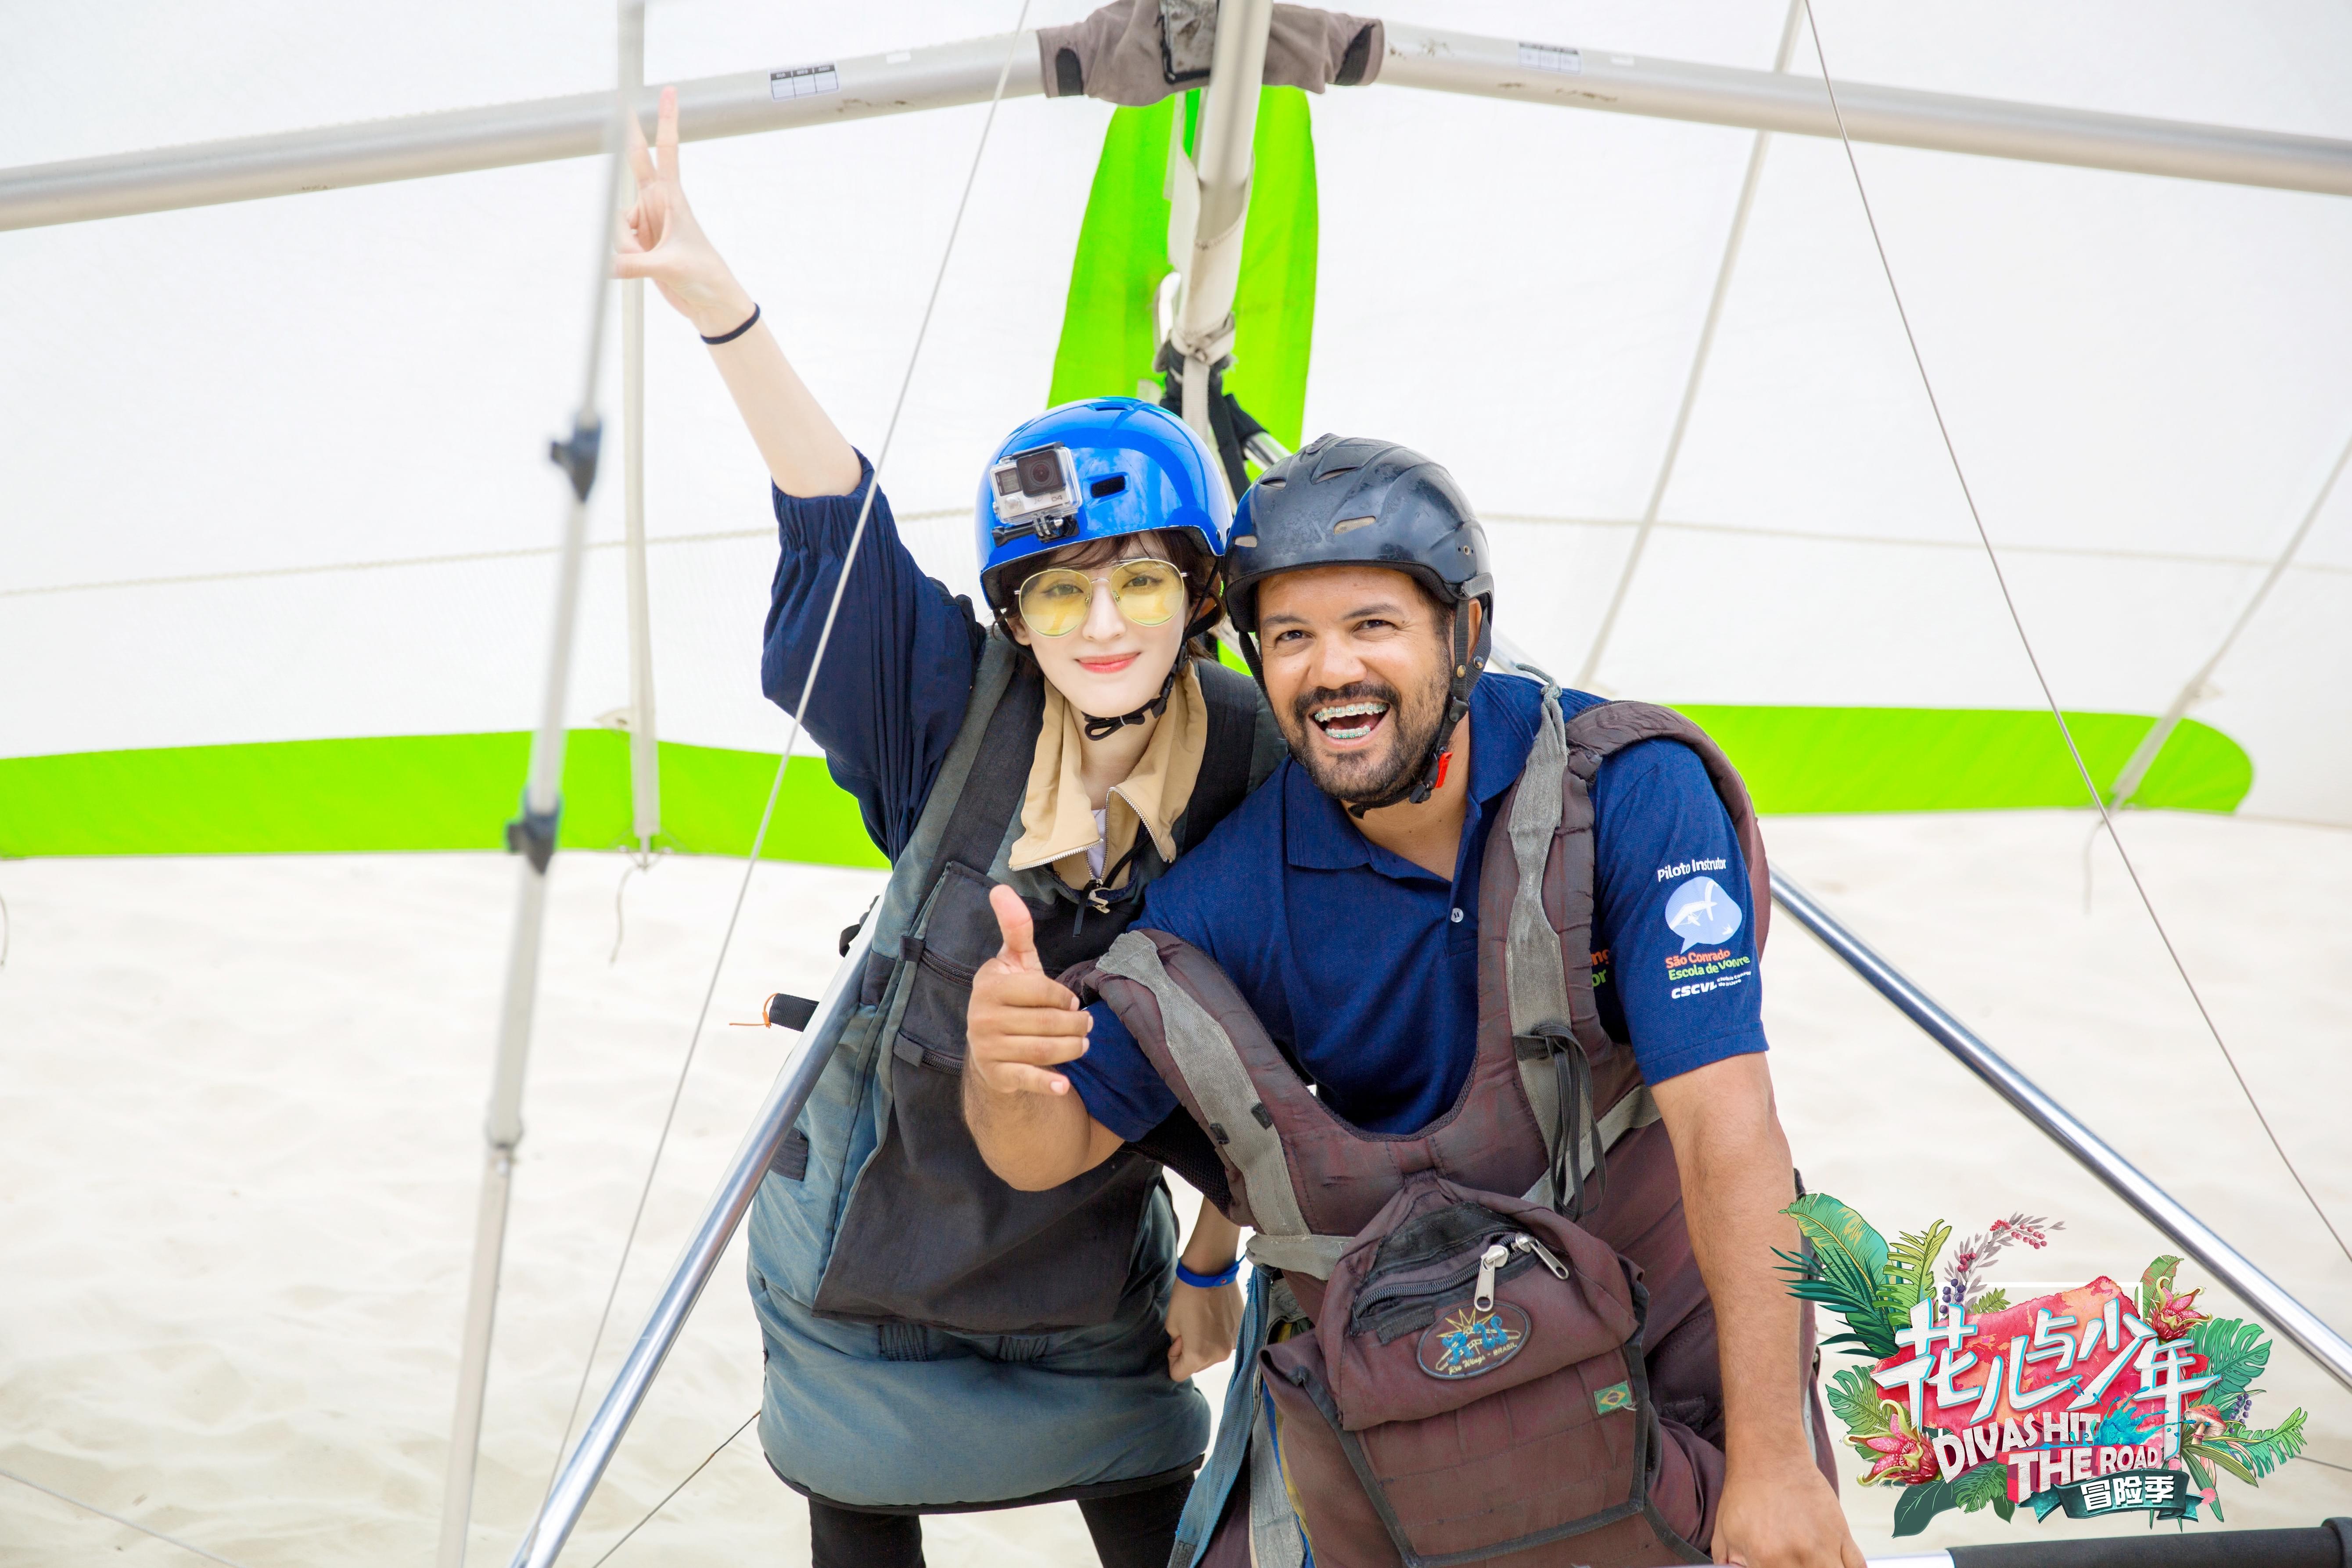 《花少3》 玩滑翔翼秀桑巴舞 真实娜扎获惊喜